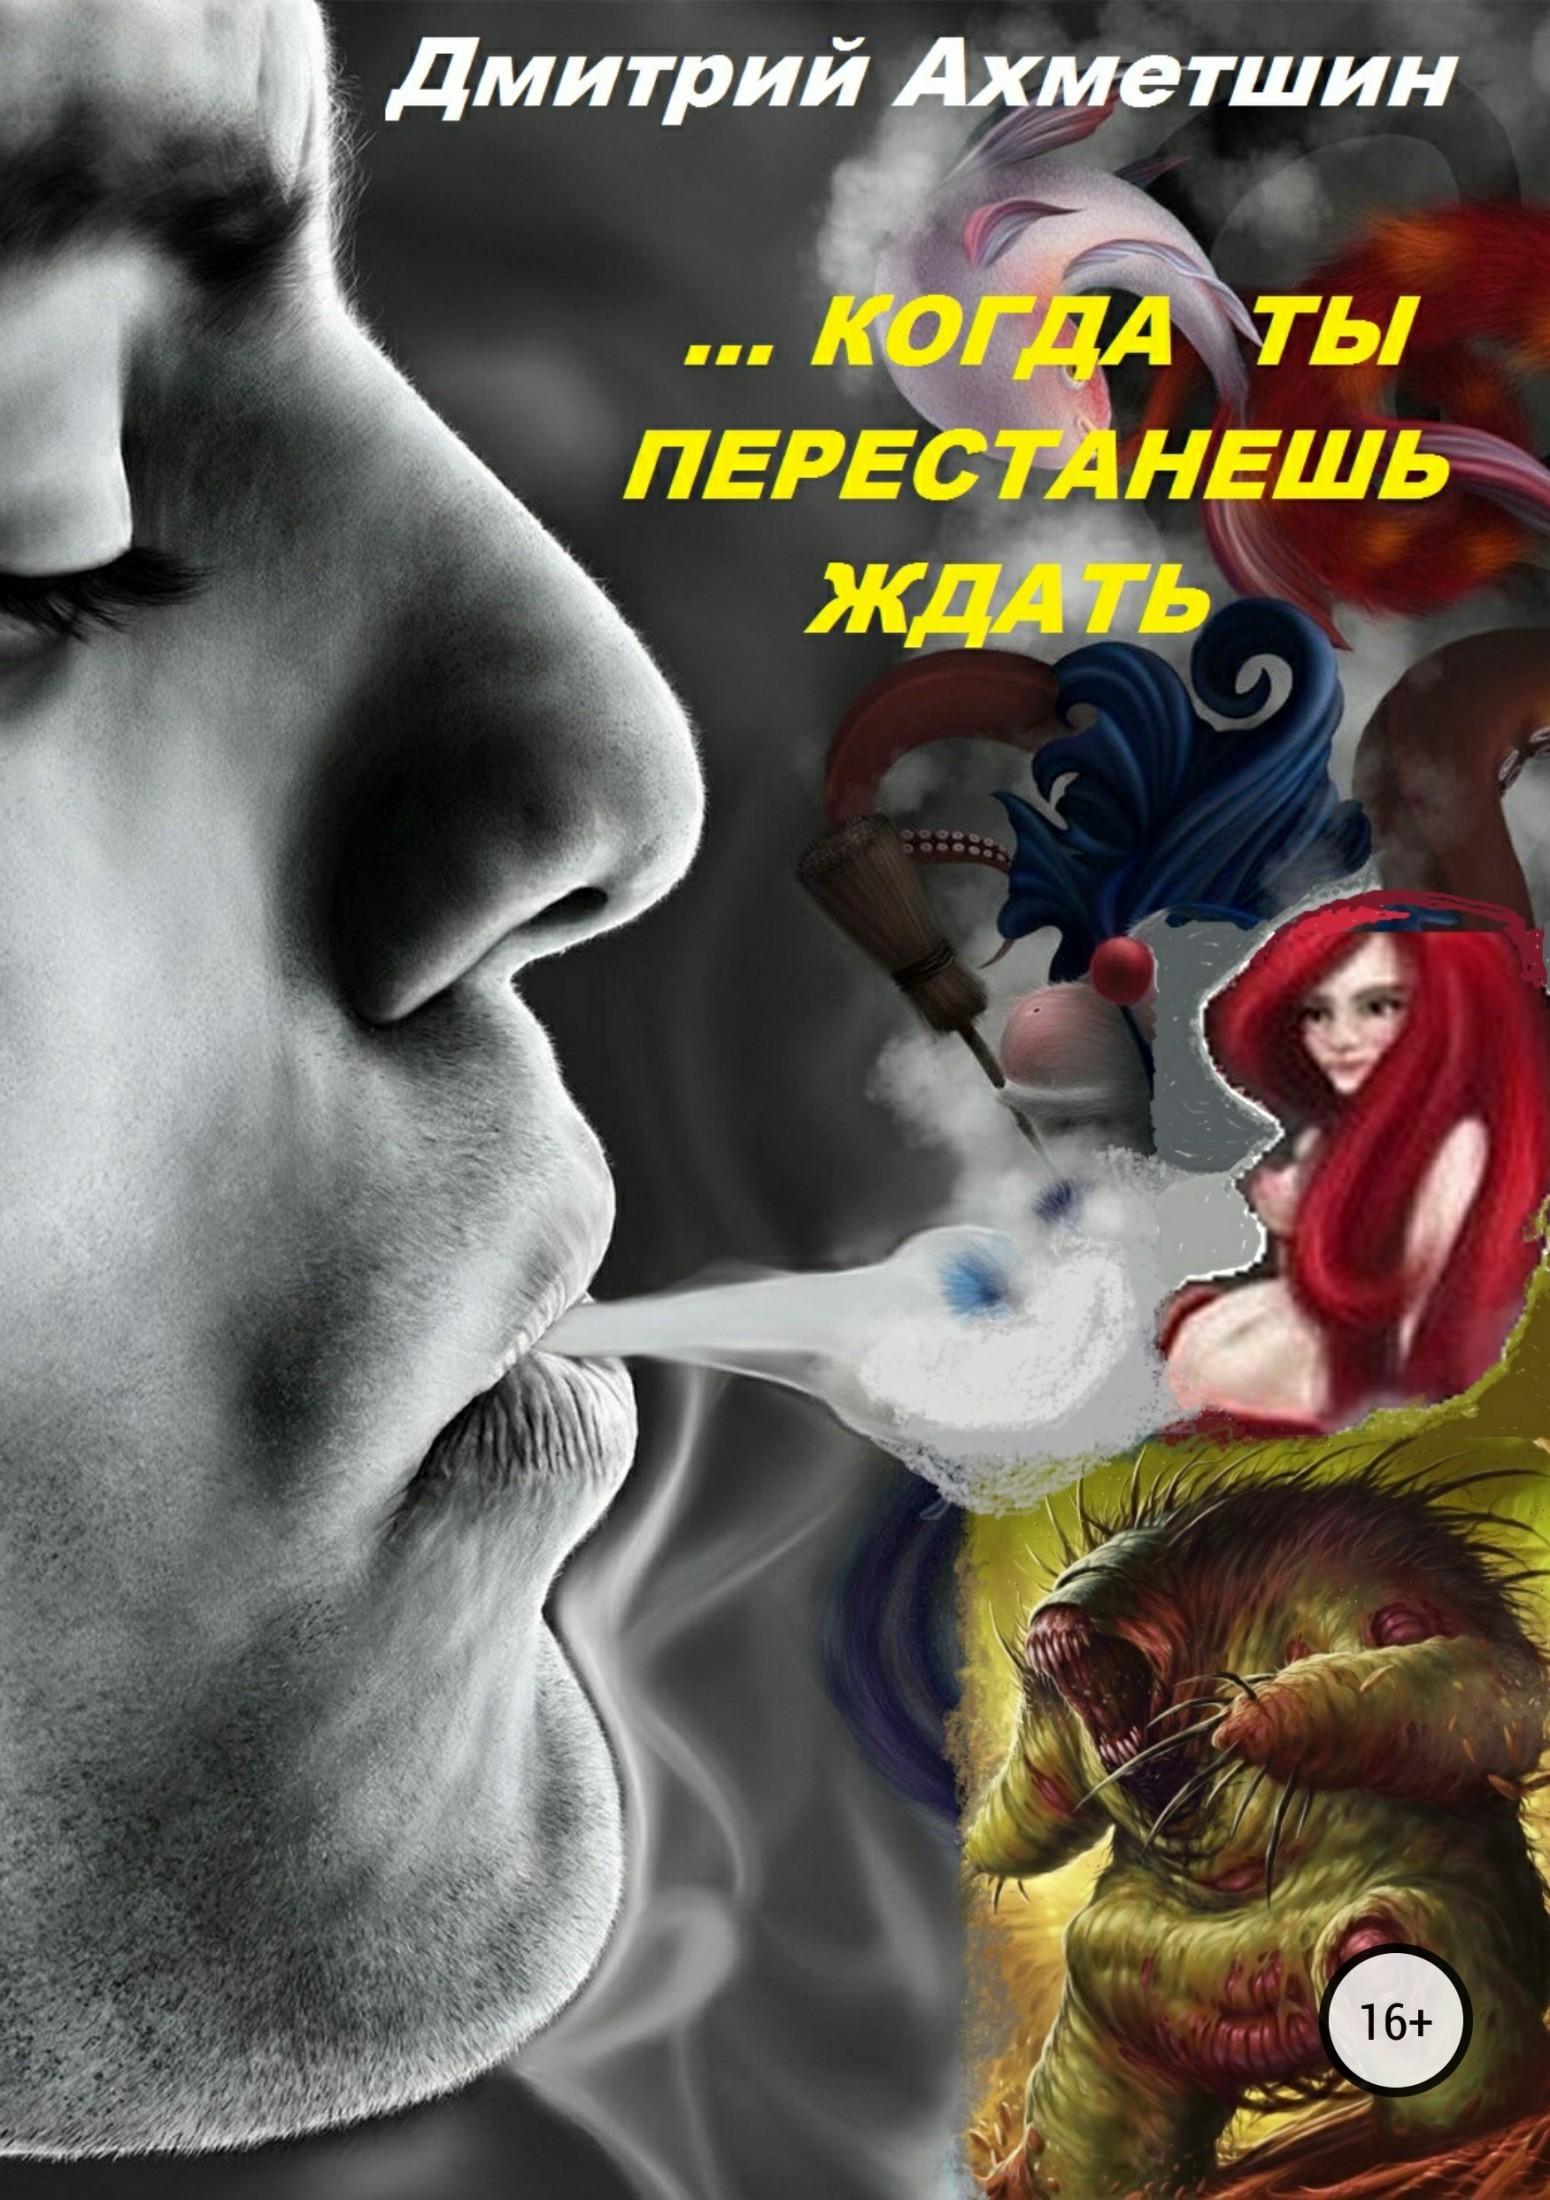 Дмитрий Ахметшин Когда ты перестанешь ждать детство лидера